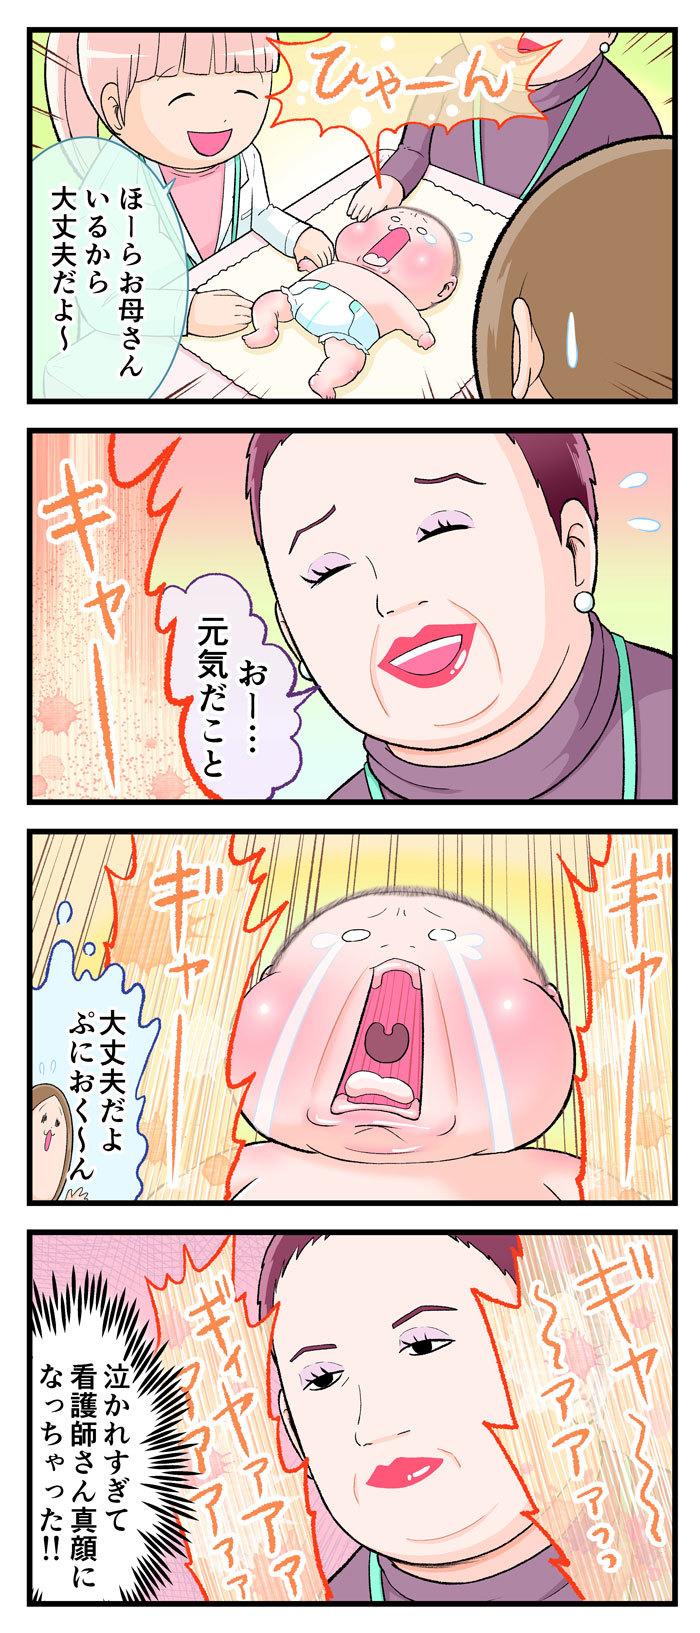 4ヶ月健診で息子にギャン泣きされた看護師さん…そりゃそんな顔なるわ!(笑)の画像2